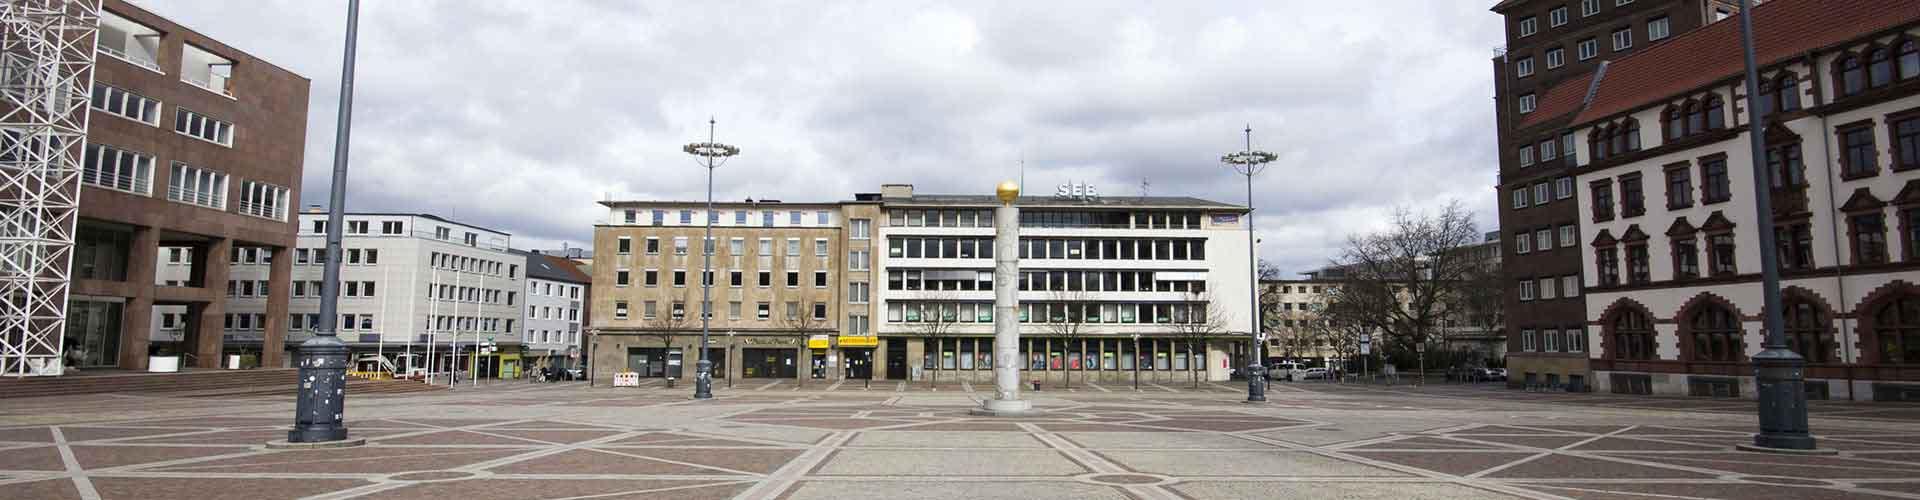 Dortmund - Chambres à Dortmund. Cartes pour Dortmund, photos et commentaires pour chaque chambre à Dortmund.